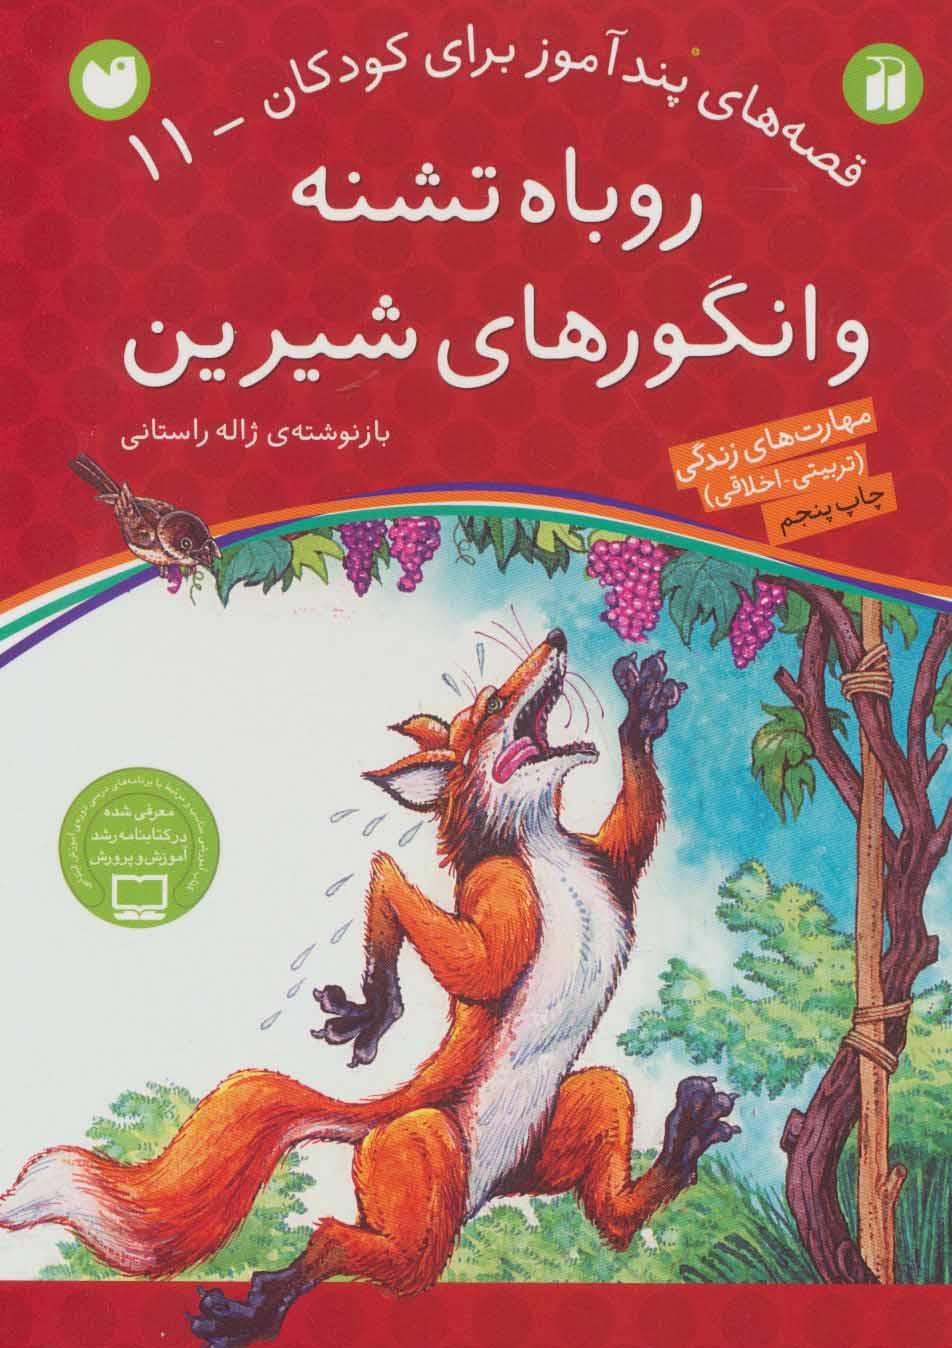 روباه تشنه و انگورهای شیرین (قصه های پندآموز برای کودکان11)